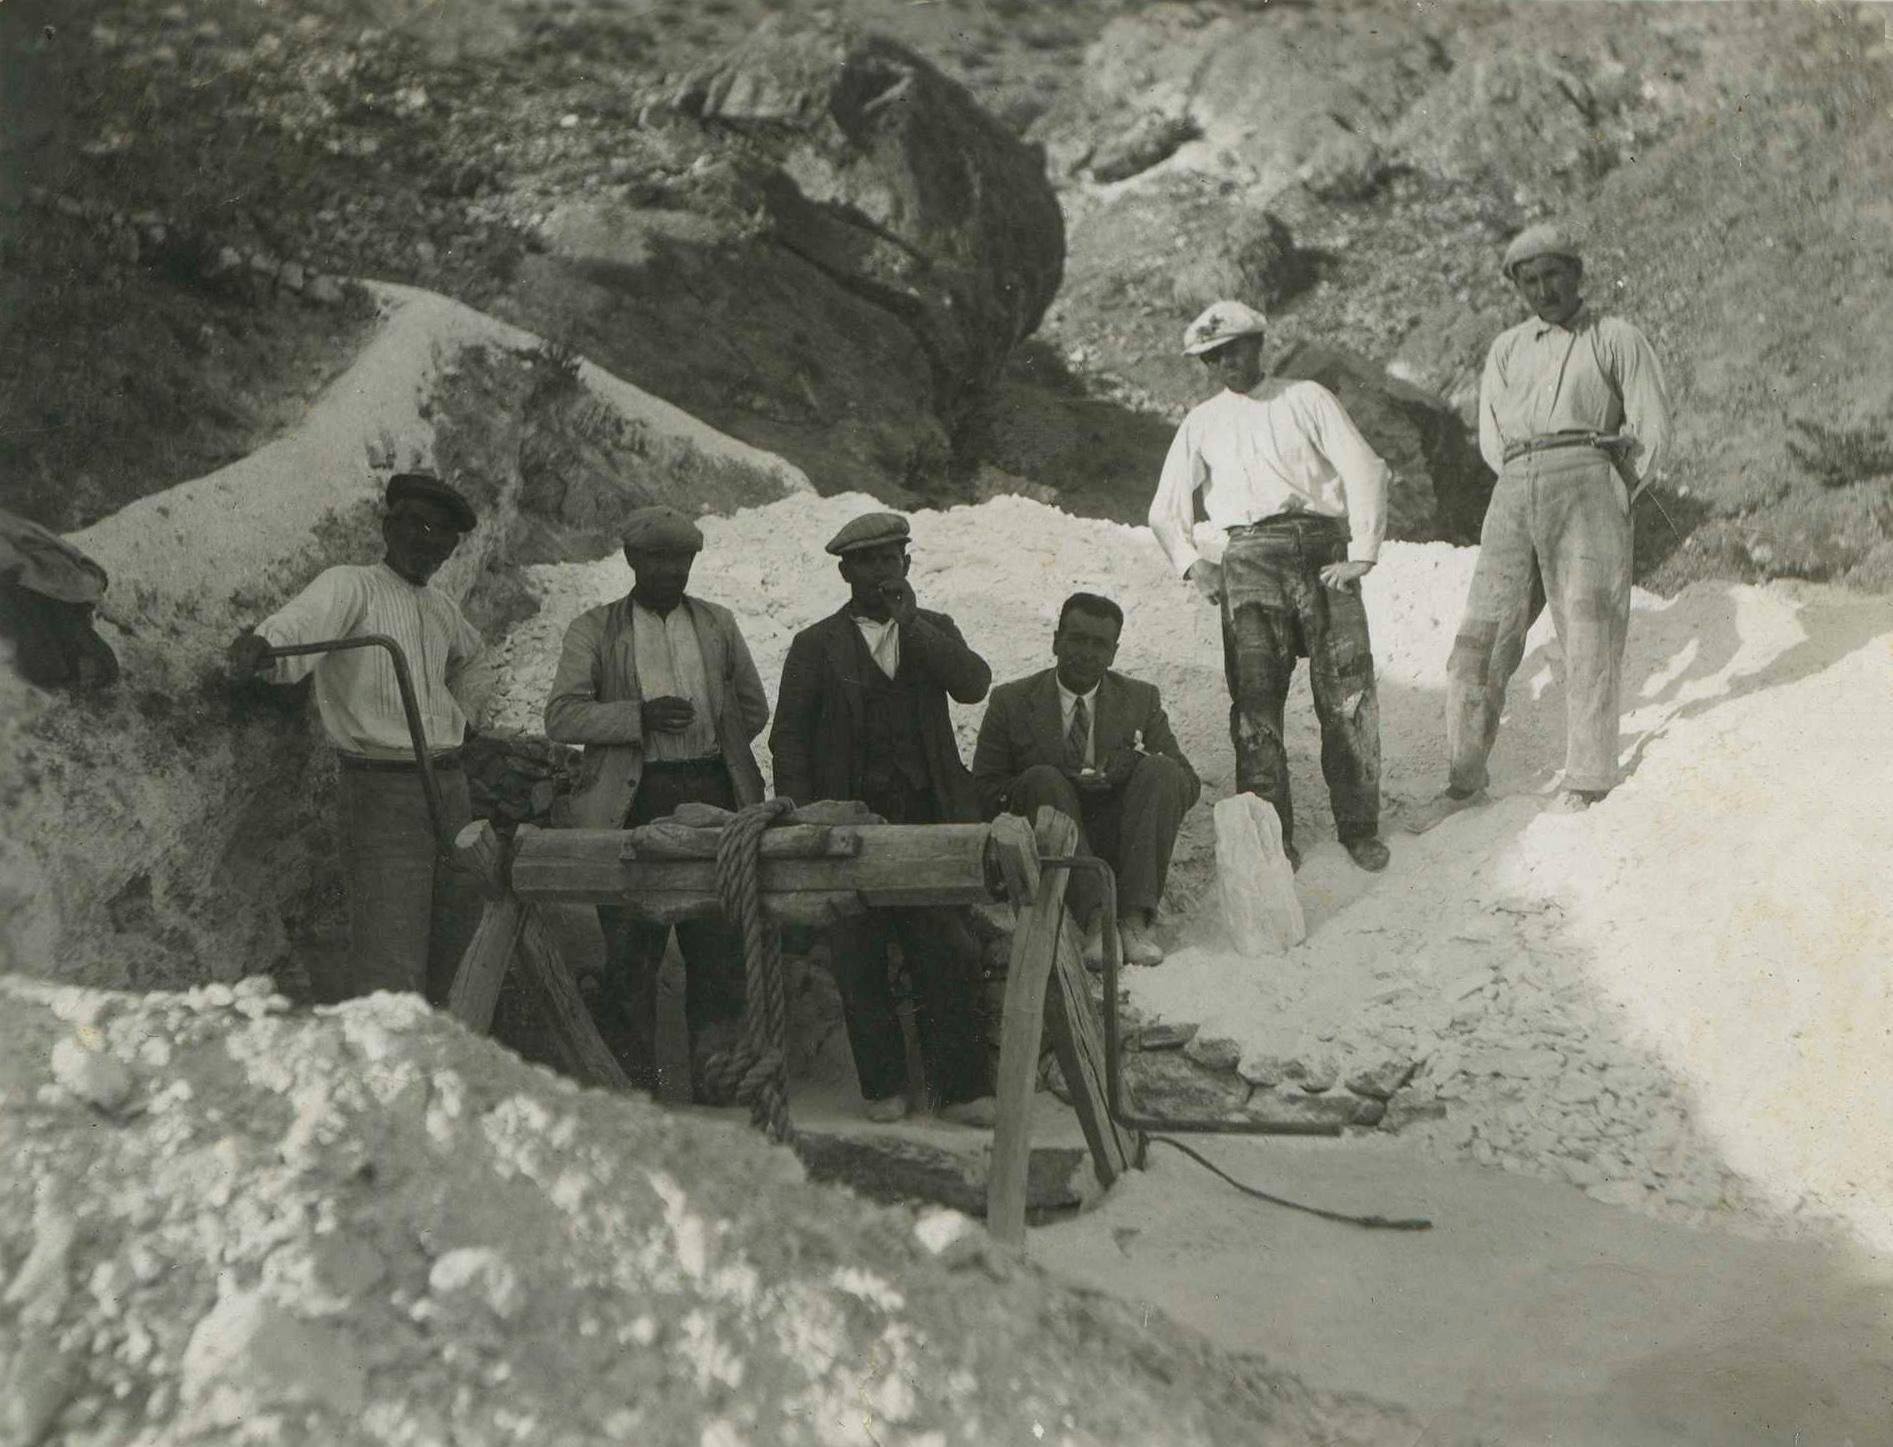 """Trabajadores de la familia de """"los Chimeneas"""" extrayendo jaboncillo del pozo Falange hacia los años cuarenta del siglo pasado © Fotografía: Antonio Azor"""